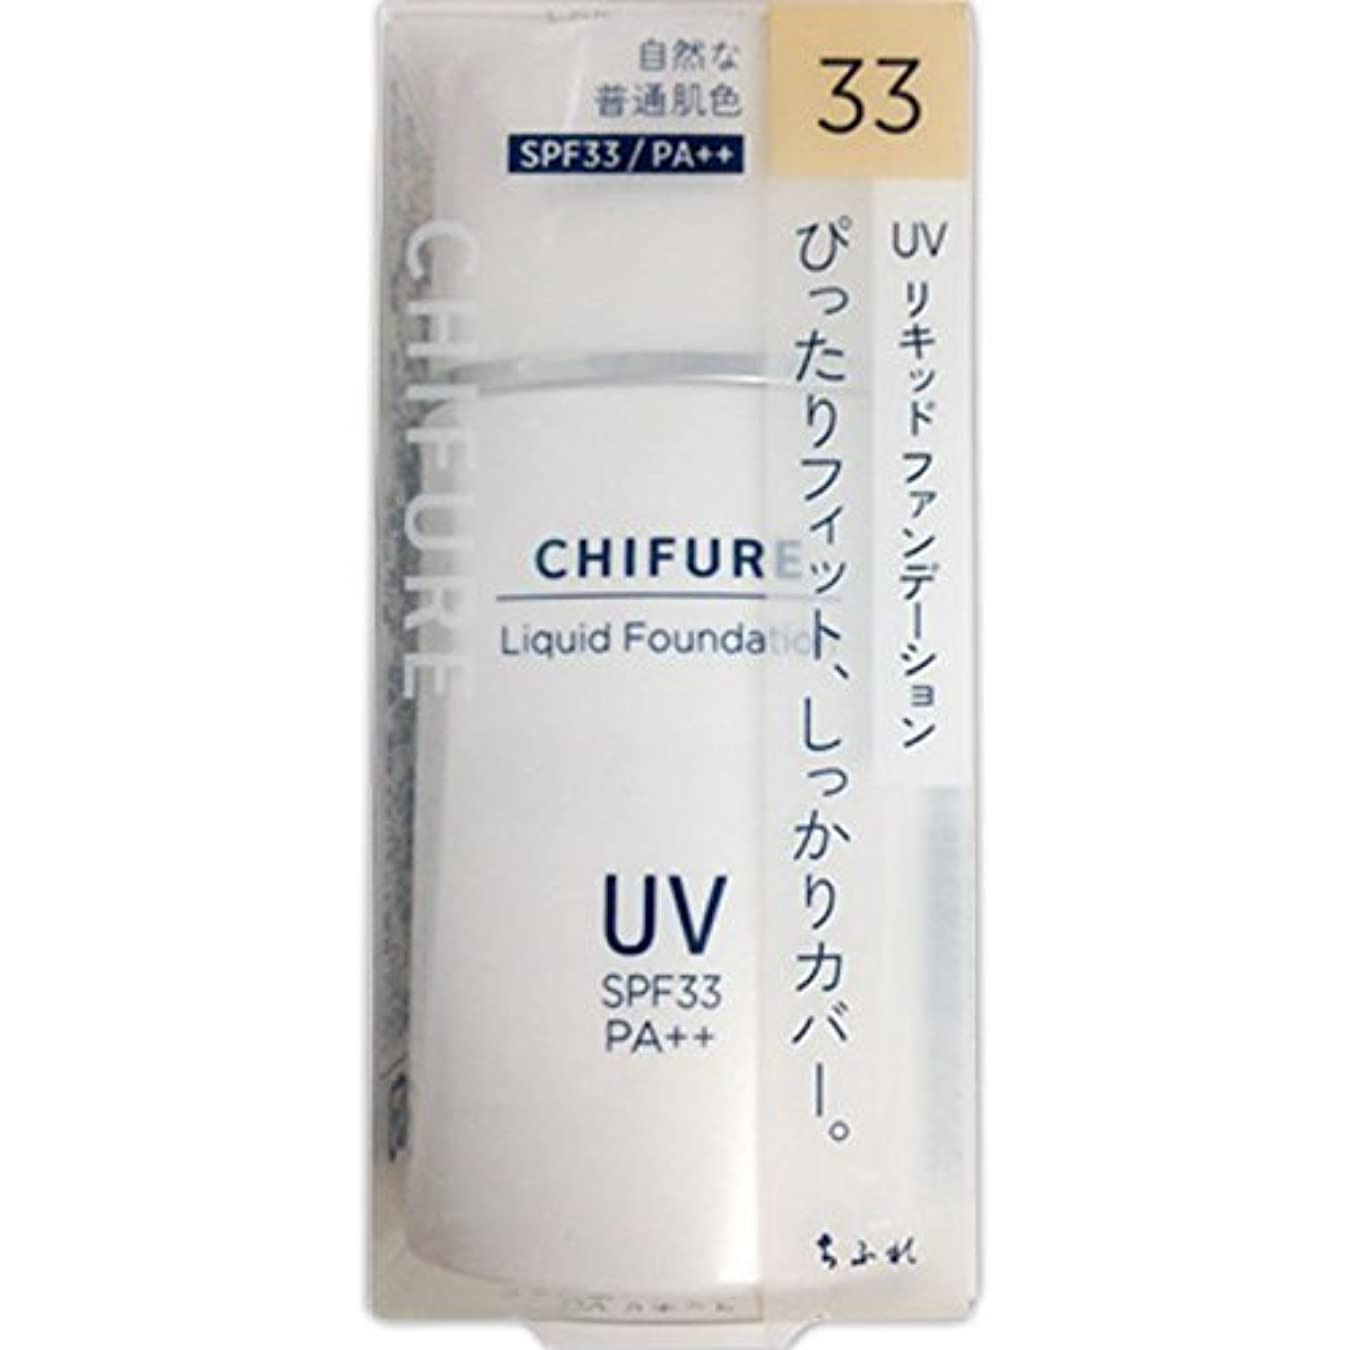 欠伸耐久補正ちふれ化粧品 UV リキッド ファンデーション 33 自然な普通肌色 30ML